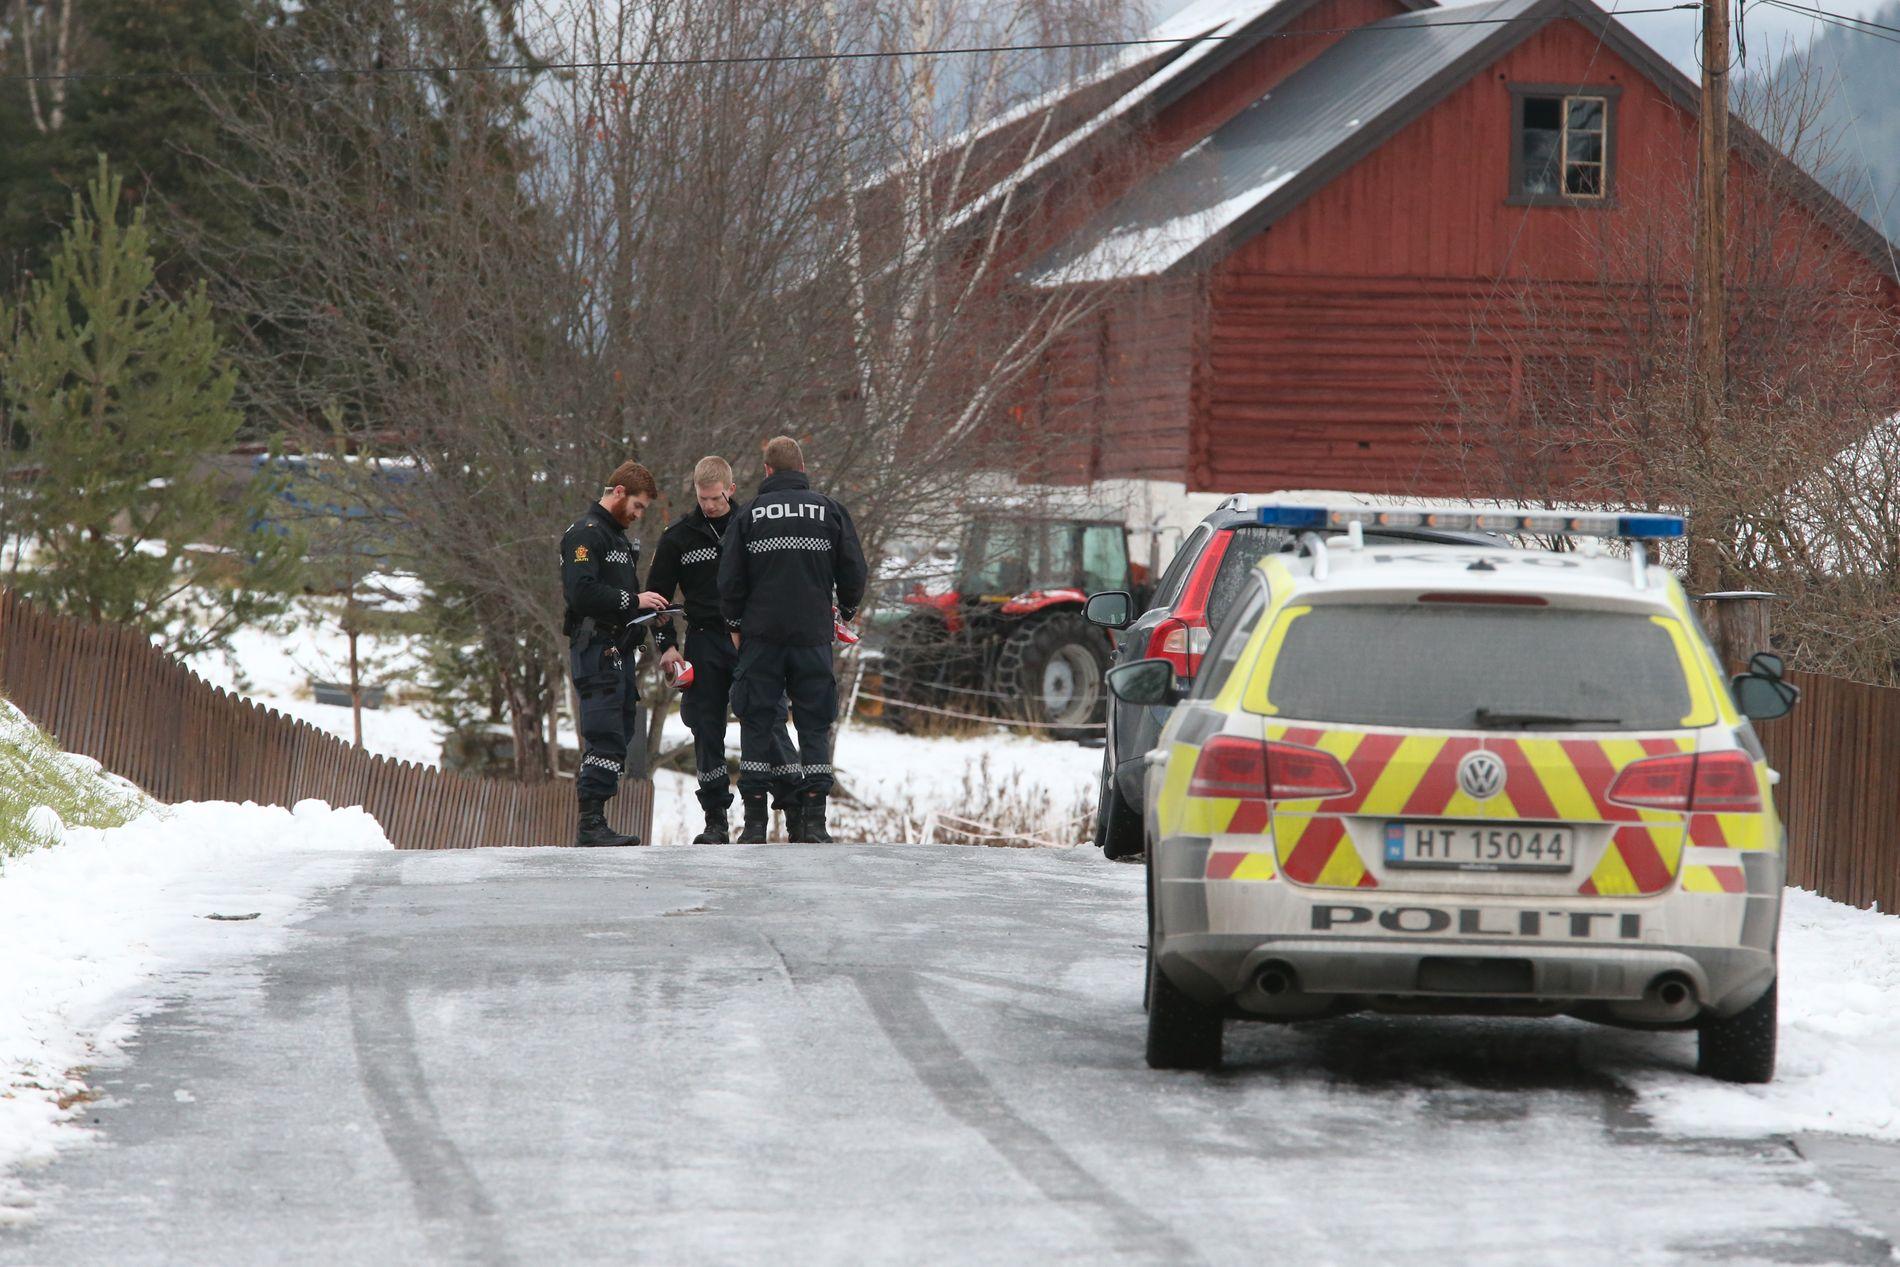 RYSTET LOKALSAMFUNNET: 16 år gamle Iris ble funnet drept i sitt eget nabolag på Vinstra i fjor høst. Drapet rystet det lille lokalsamfunnet.